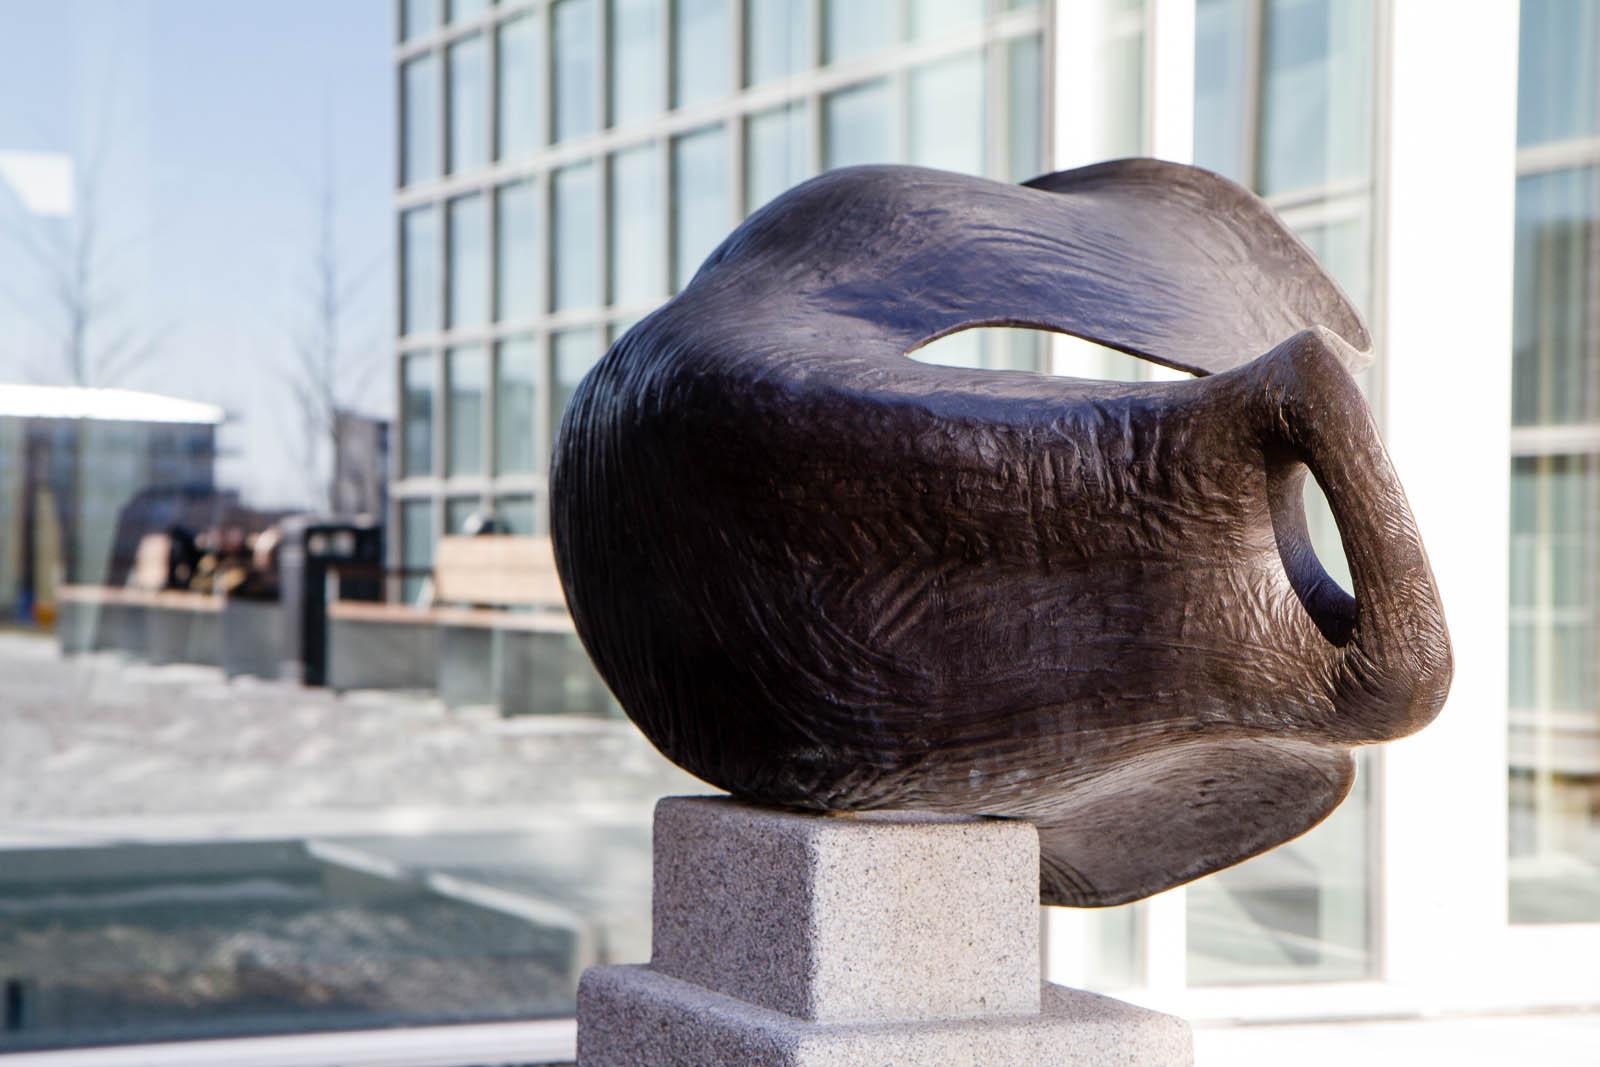 Rundad bronsskulptur. Carl Boutard, Into The Wild (2013)